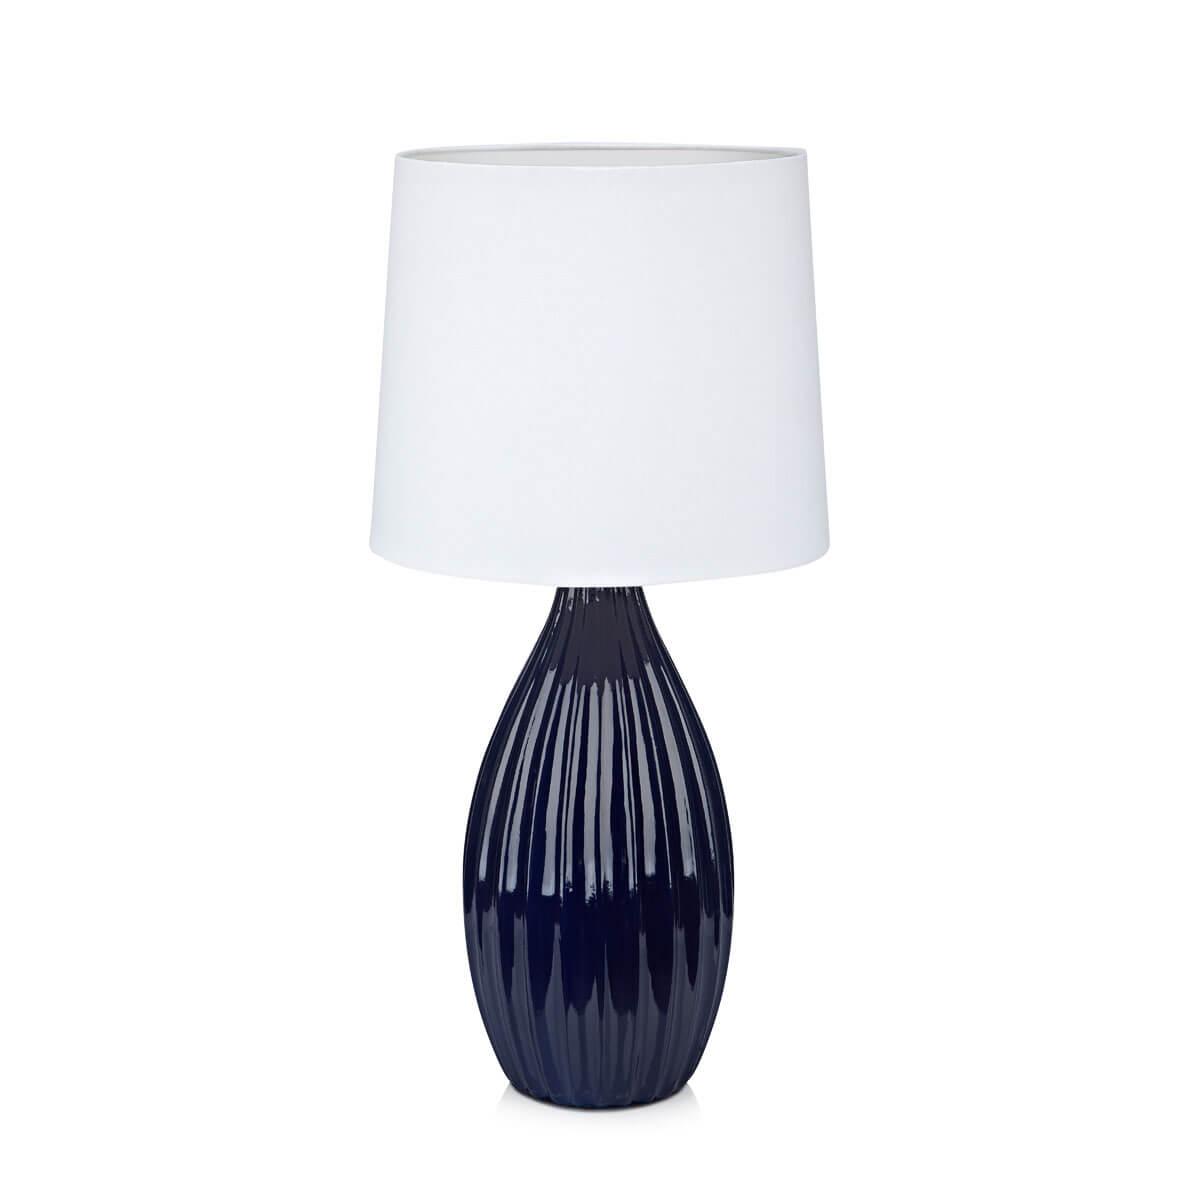 лучшая цена Настольная лампа Markslojd Stephanie 106889